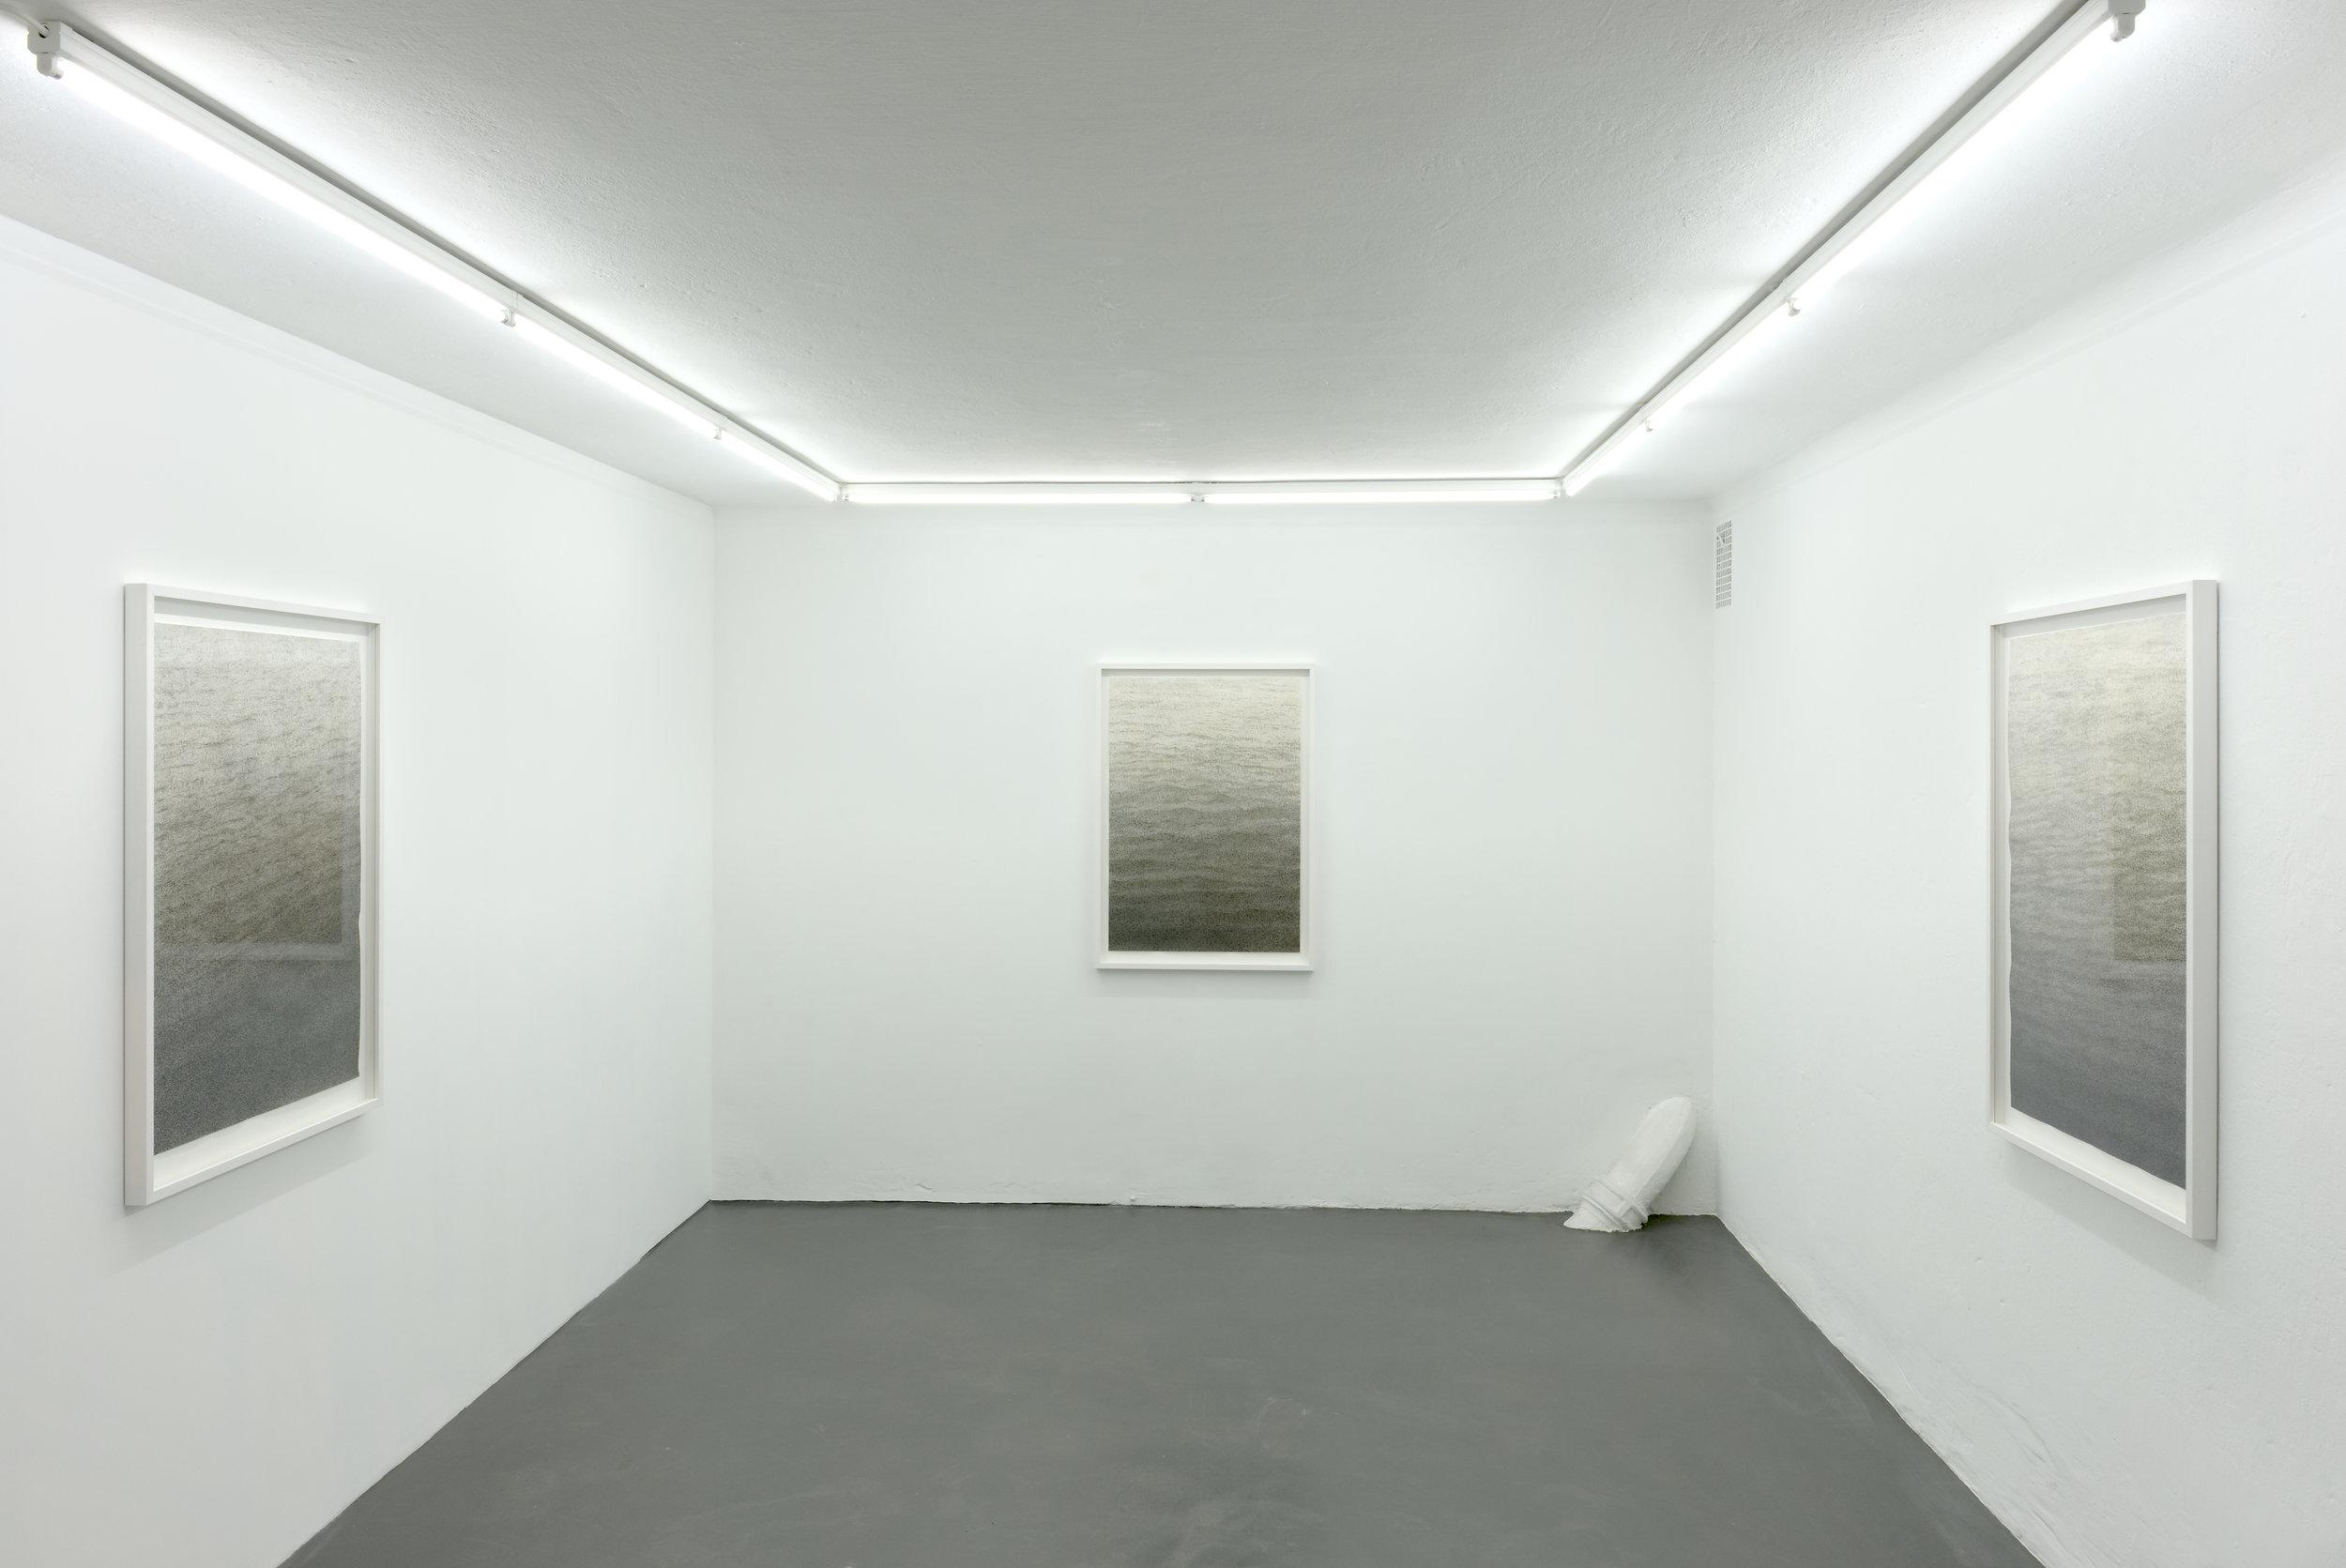 Mörk Krusning / Dark ripple - Anna Ling